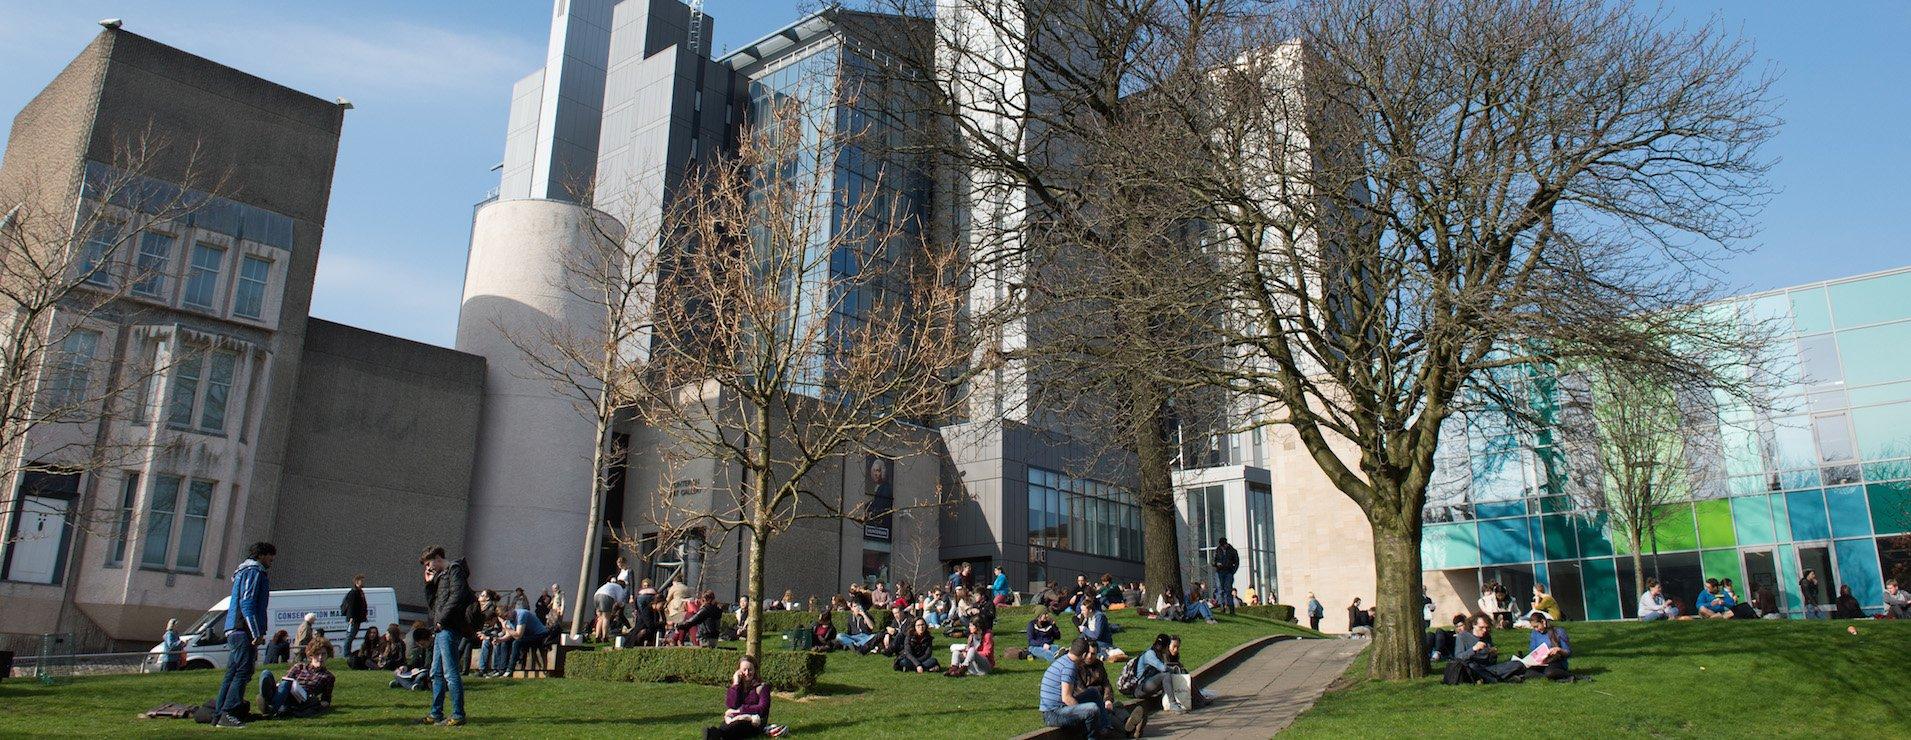 крупнейшая в европе университетская библиотека университета глазго